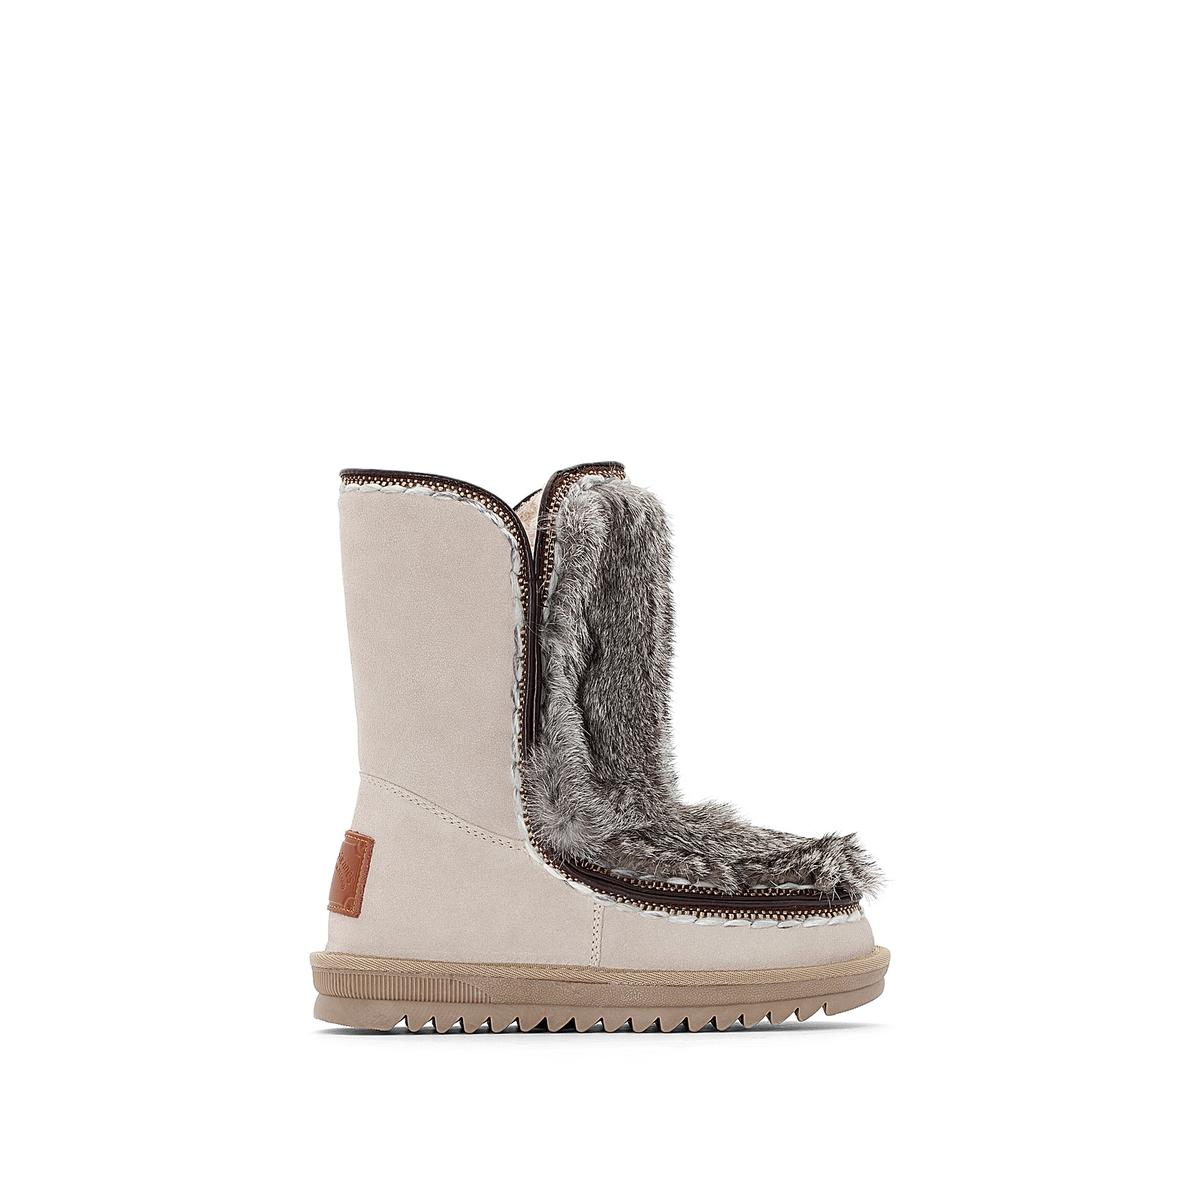 цены на Сапоги кожаные на меху Joana в интернет-магазинах